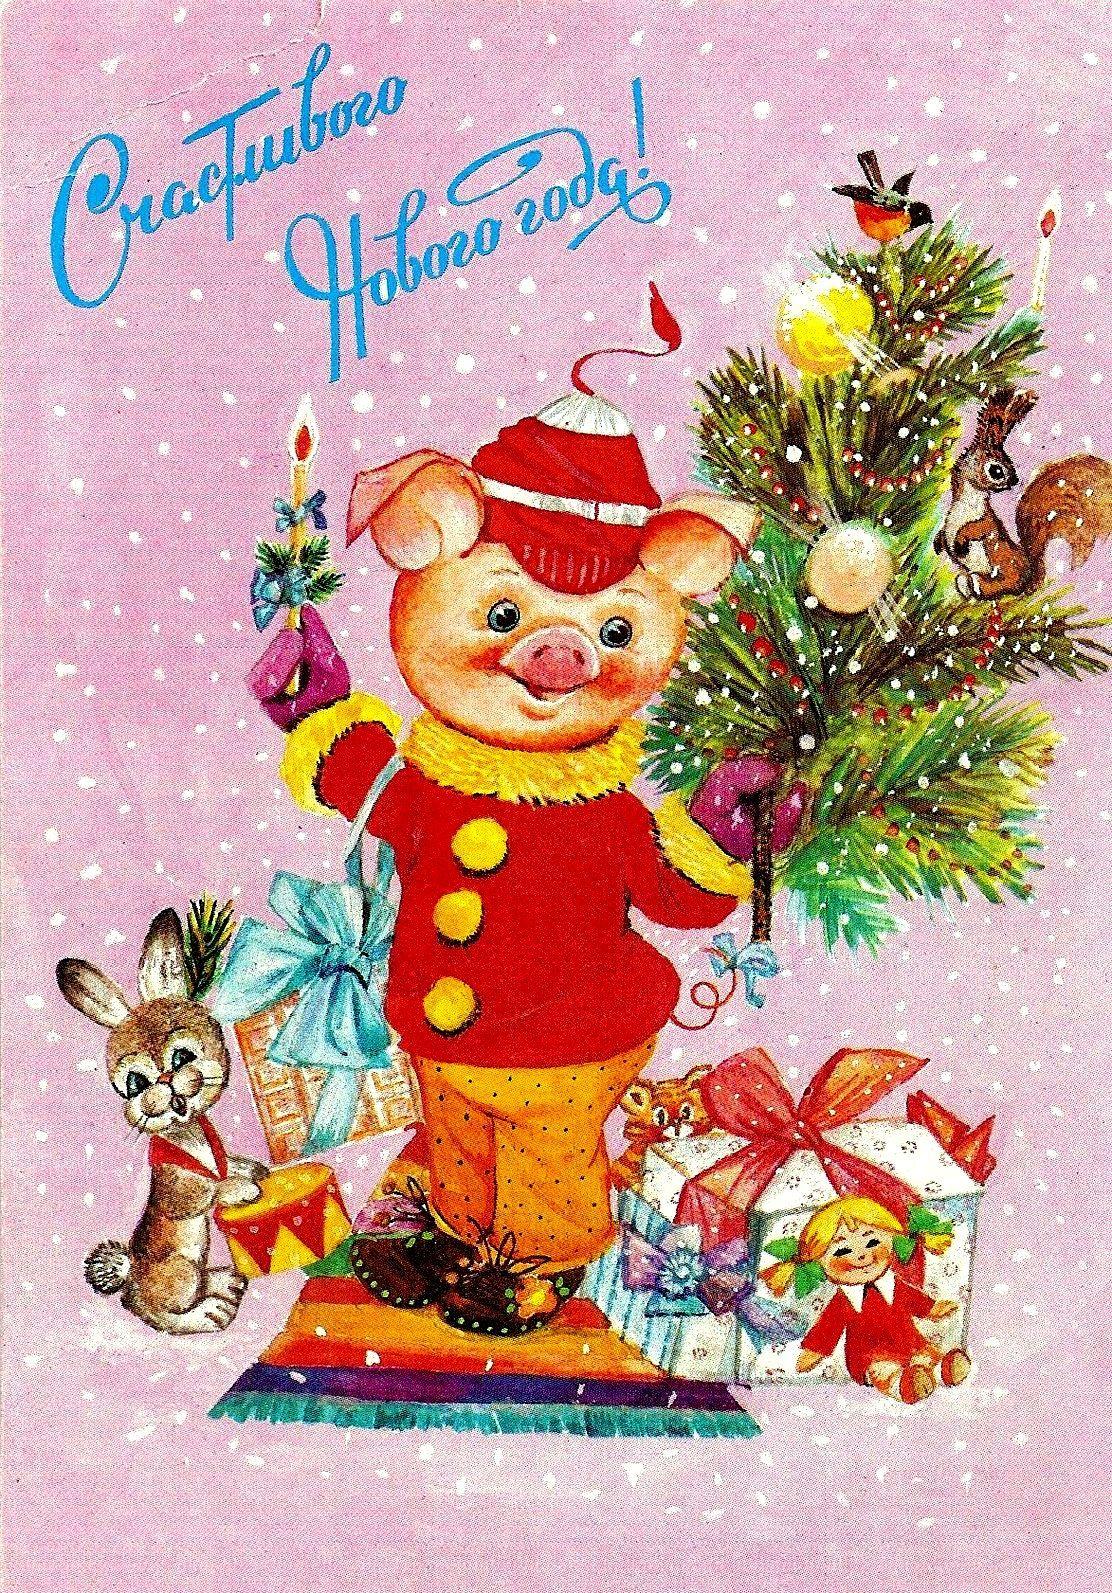 Прикольные новогодние открытки 2019 год